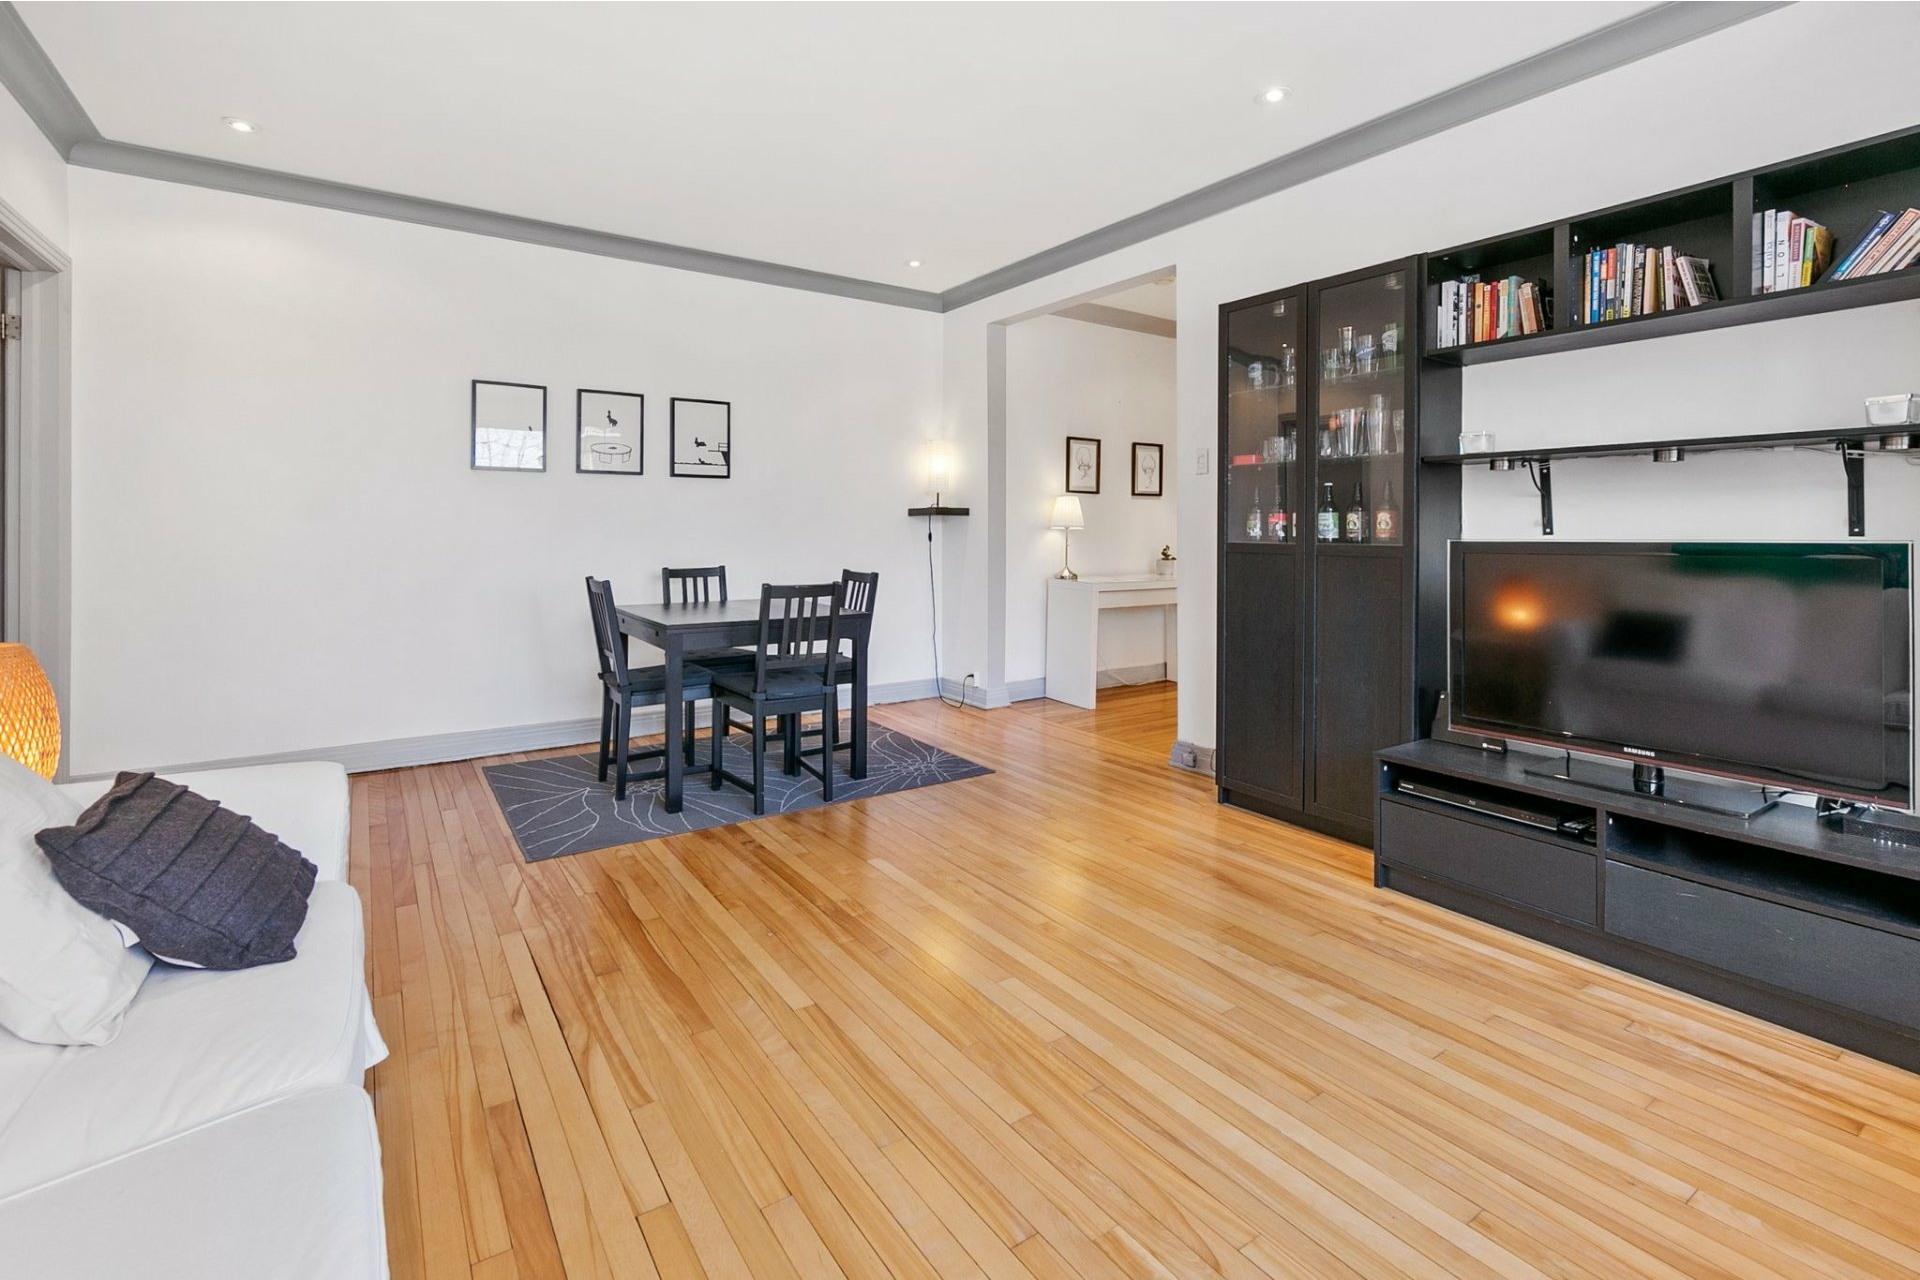 image 12 - Apartment For sale Côte-des-Neiges/Notre-Dame-de-Grâce Montréal  - 5 rooms